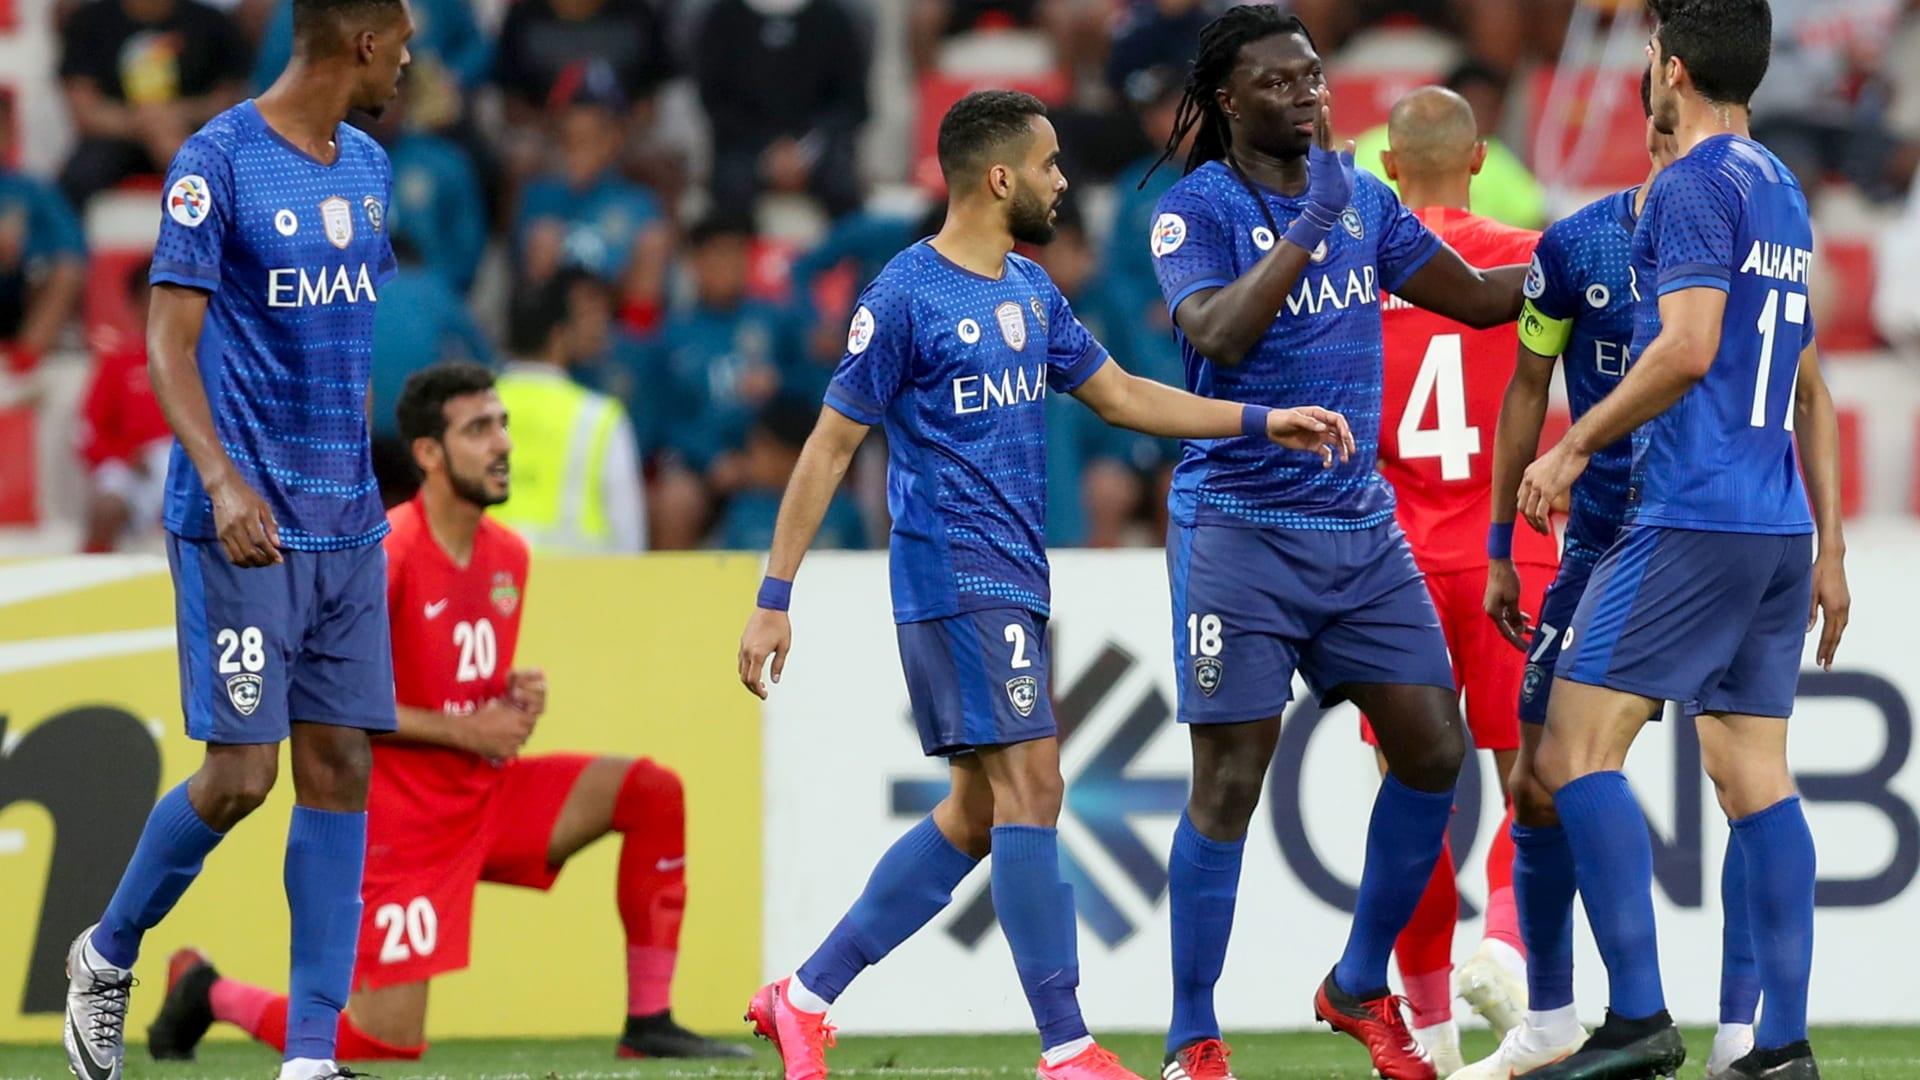 ارتفاع عدد لاعبي الهلال السعودي المصابين بكورونا إلى 15